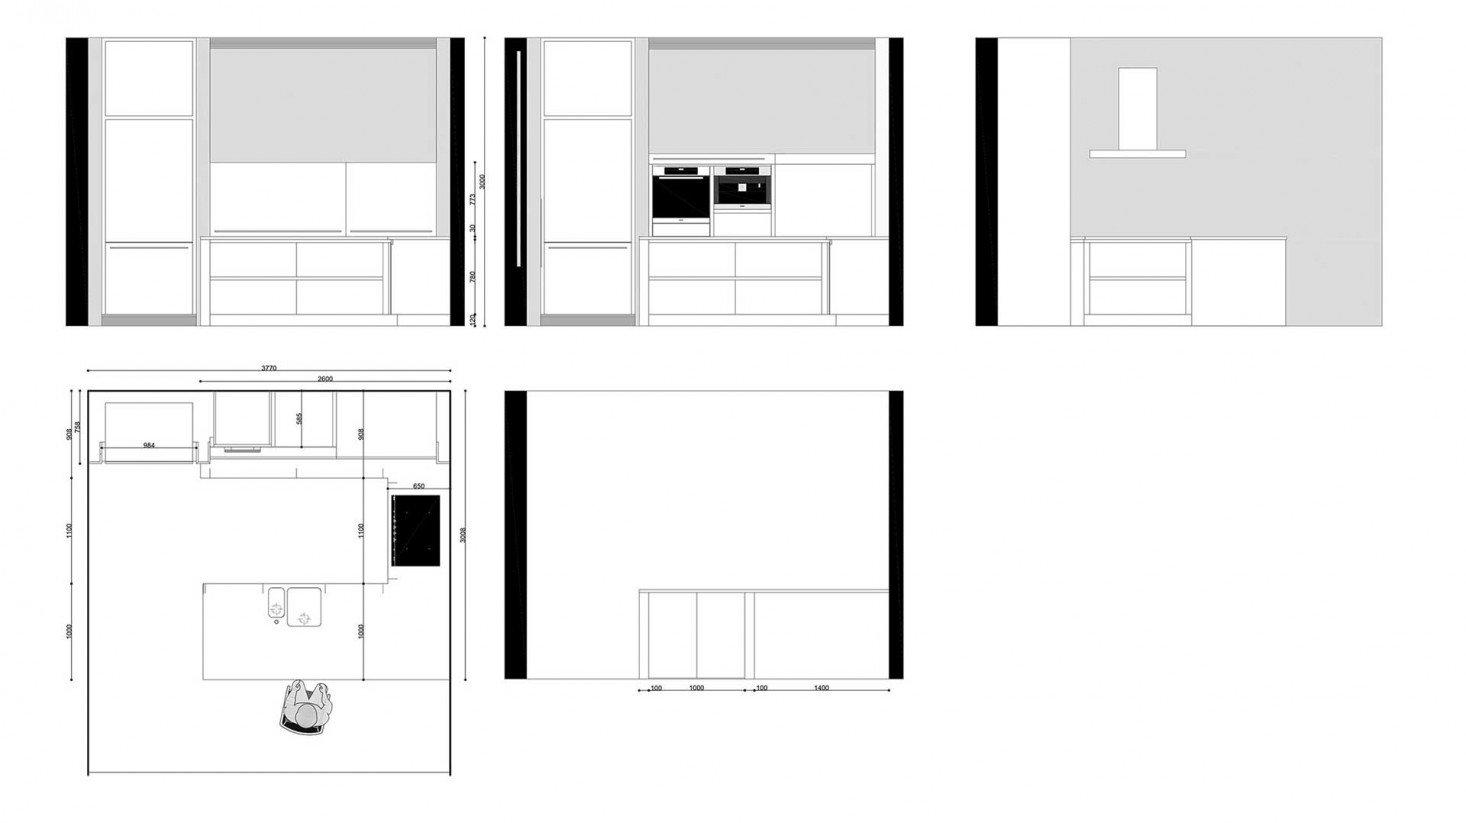 Toonzaalkeuken-BeverenWaas-BOX2-Montreal-FineerEik-grondplan.jpg